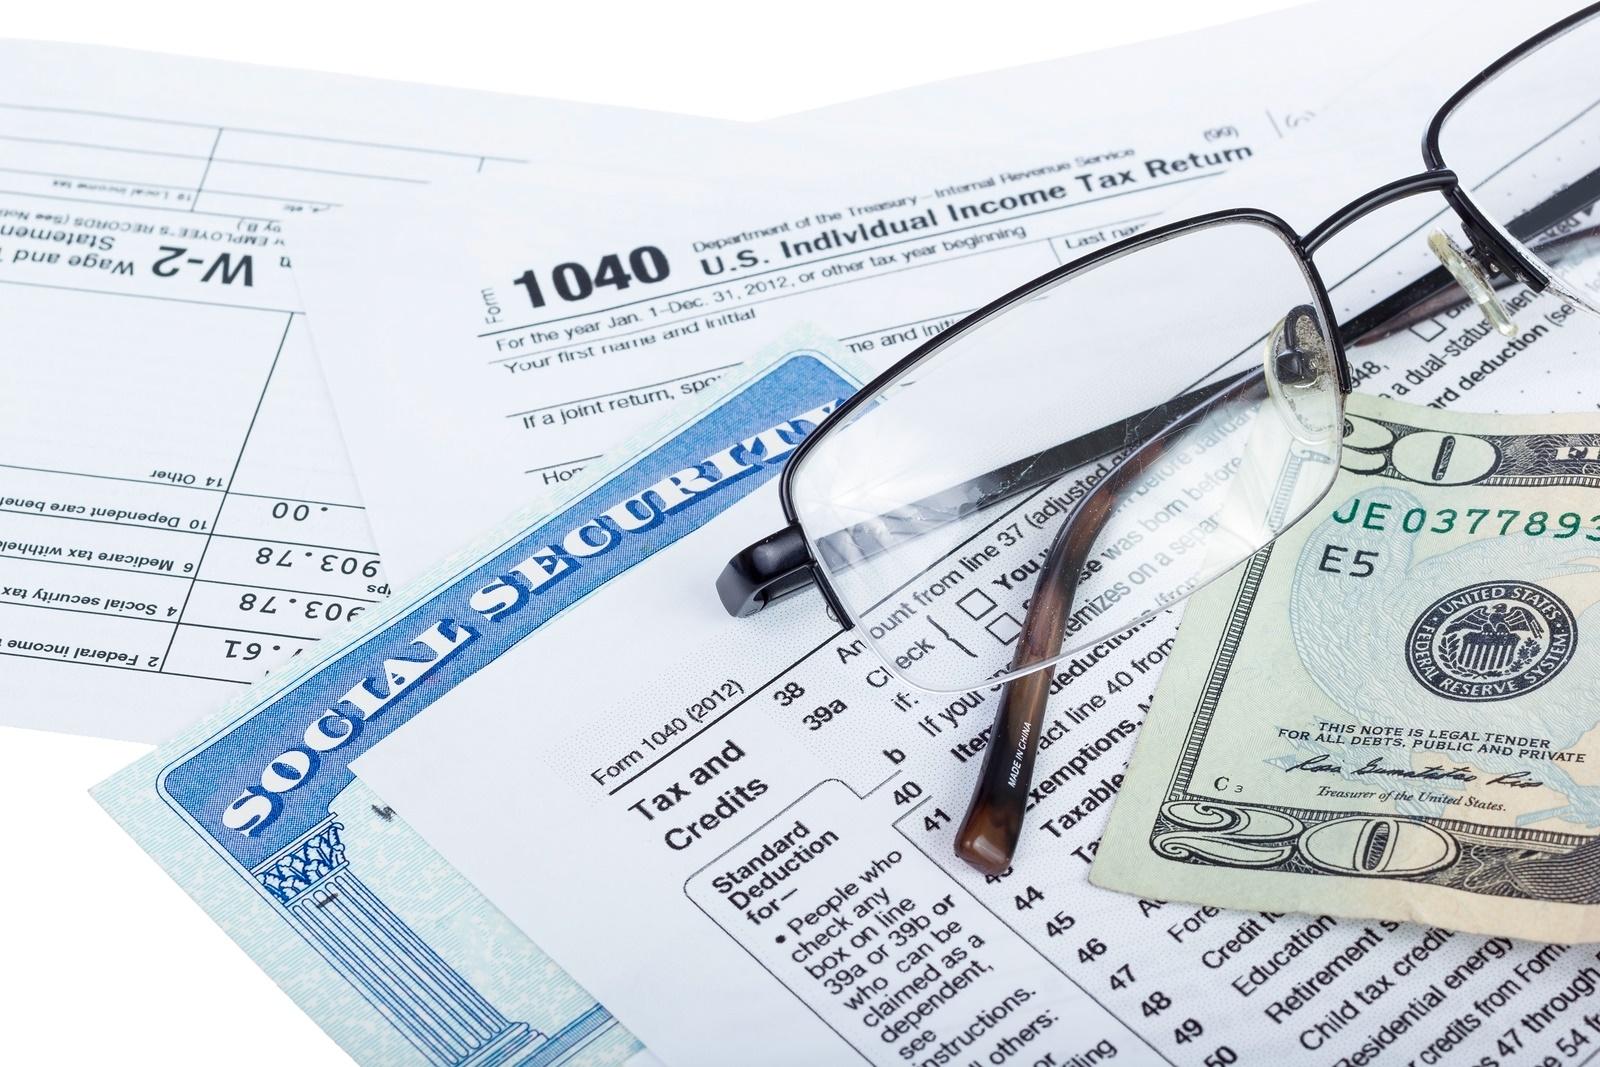 bigstock-Tax-Preparation-46189531.jpg